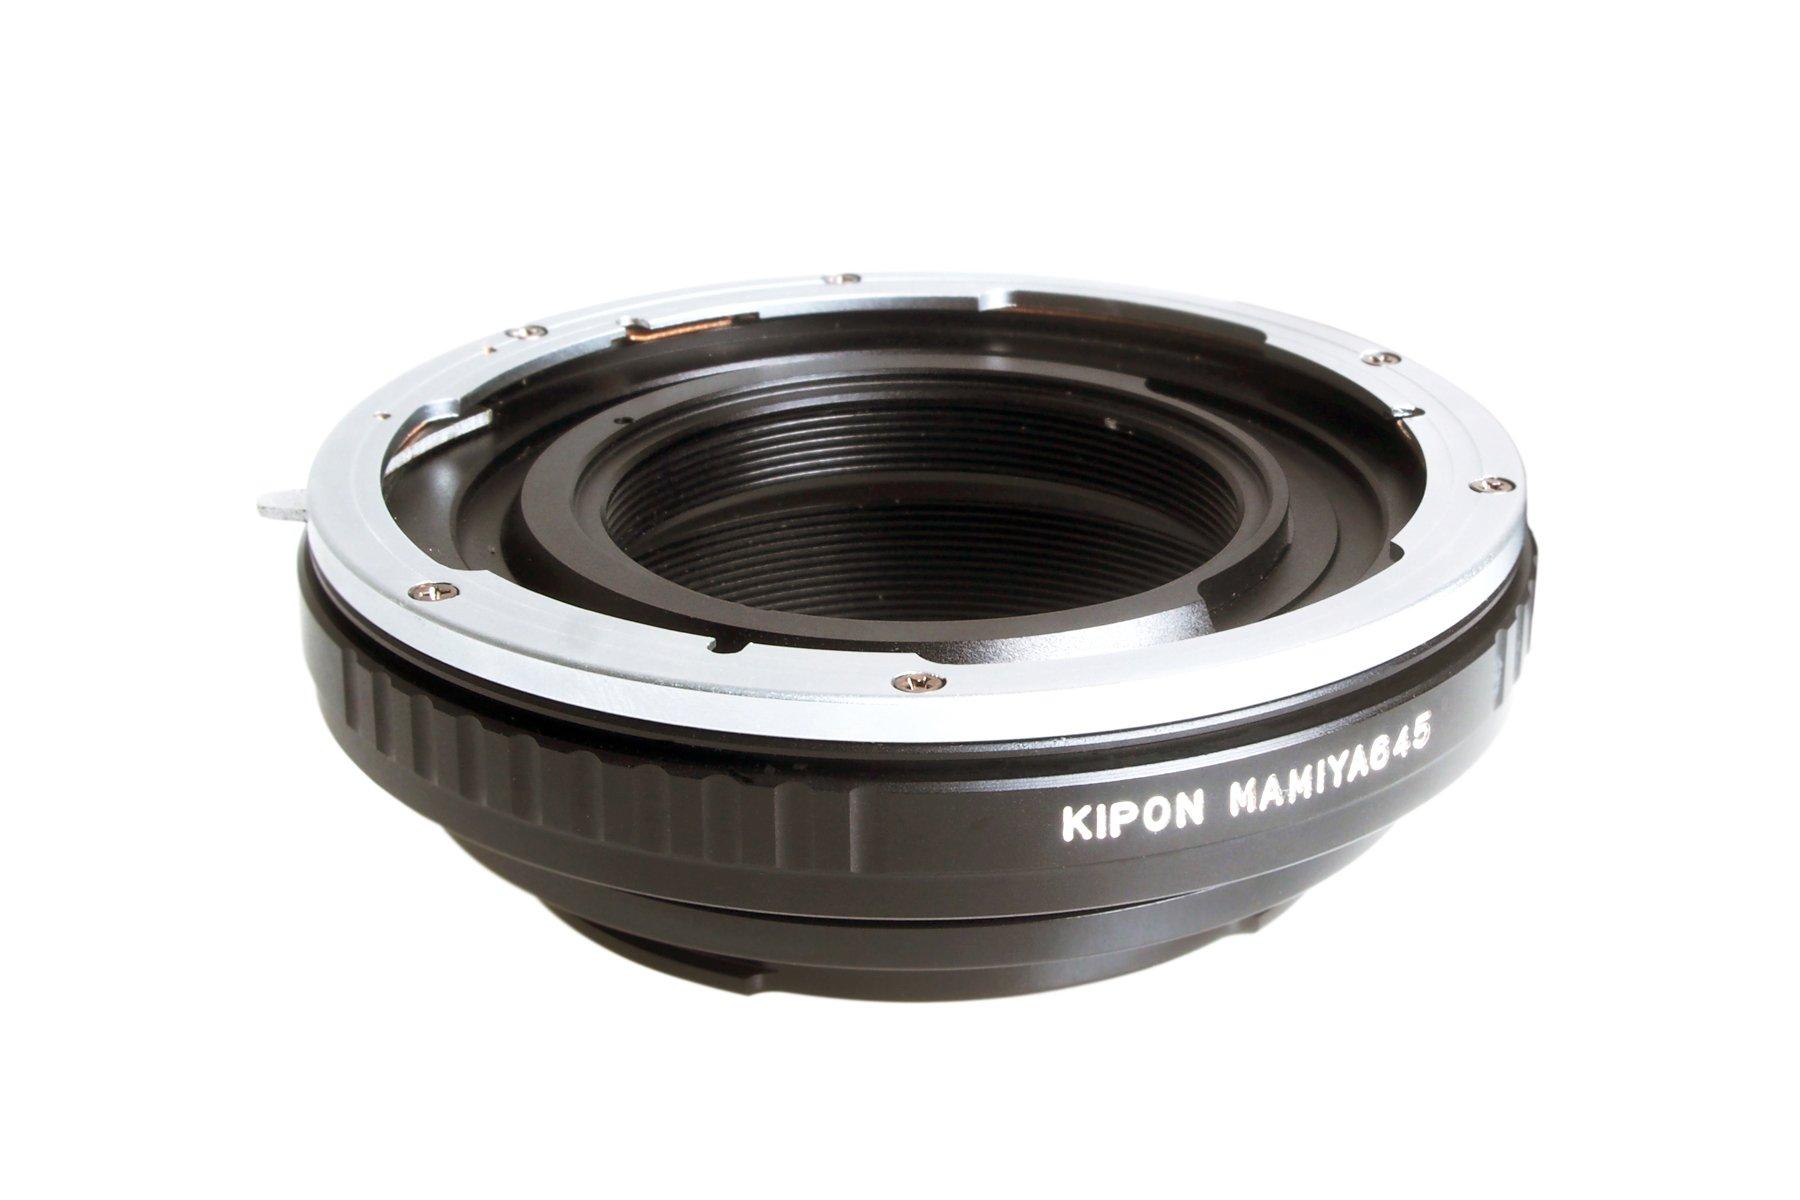 KIPON adaptér objektivu Mamiya 645 na tělo Pentax